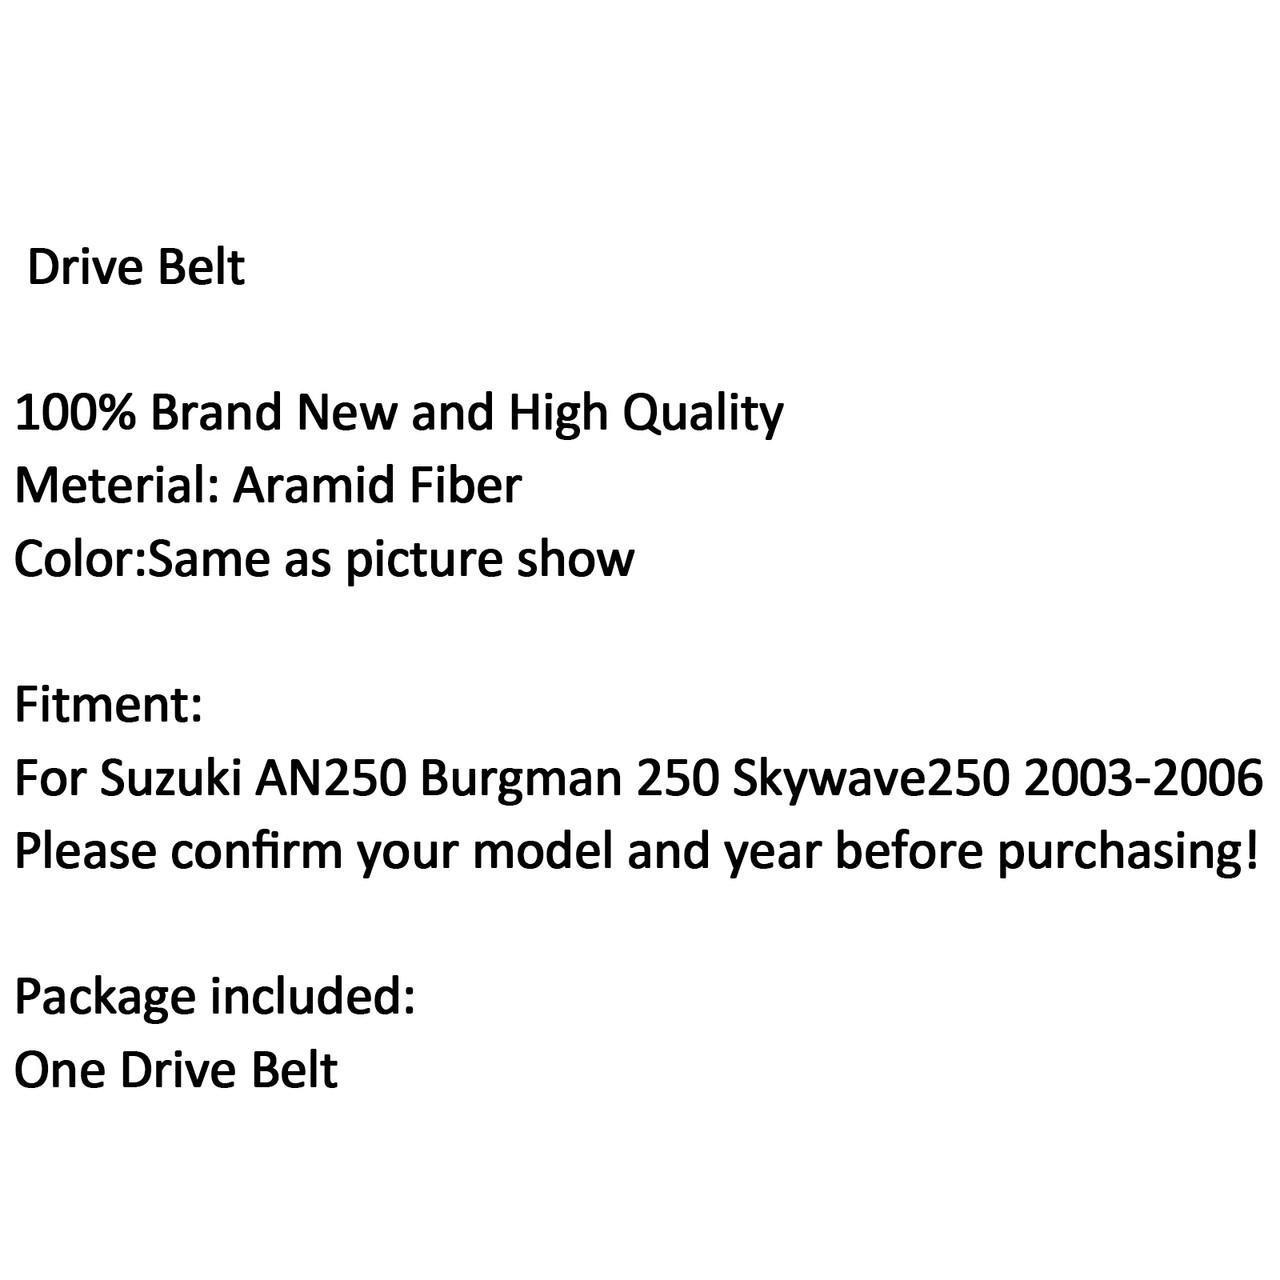 Scooter Drive Belt Suzuki AN250 Burgman 250 Skywave 250 2003-2006 (M510-A011-Black)